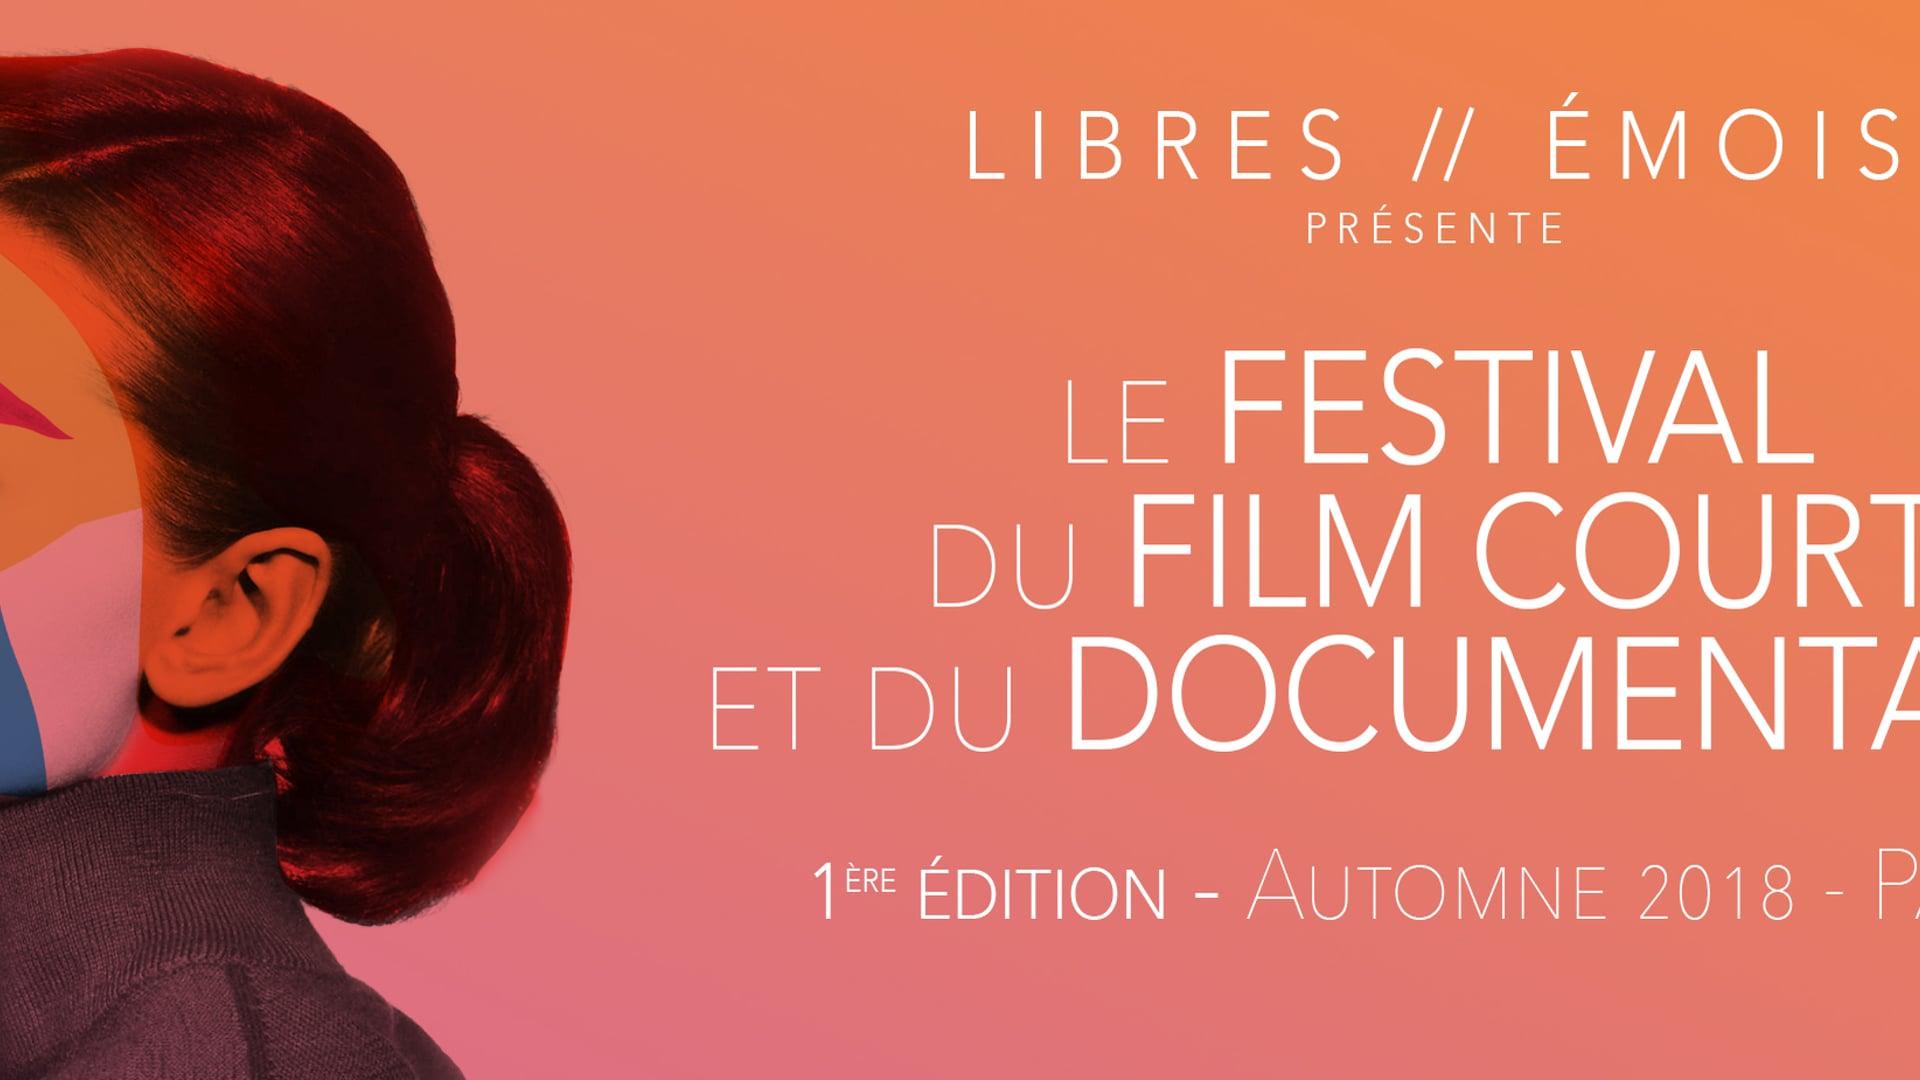 Festival LIBRES // ÉMOIS - Présentation